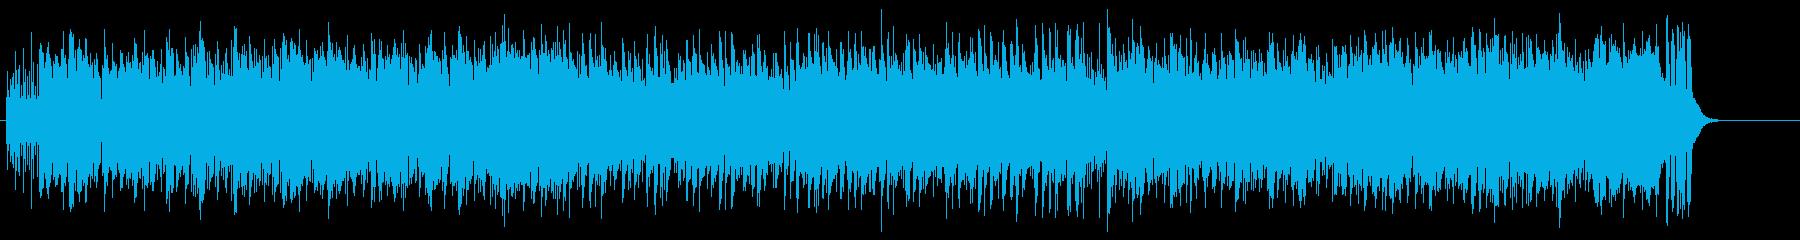 流れるギターリフが印象的なポップロックの再生済みの波形